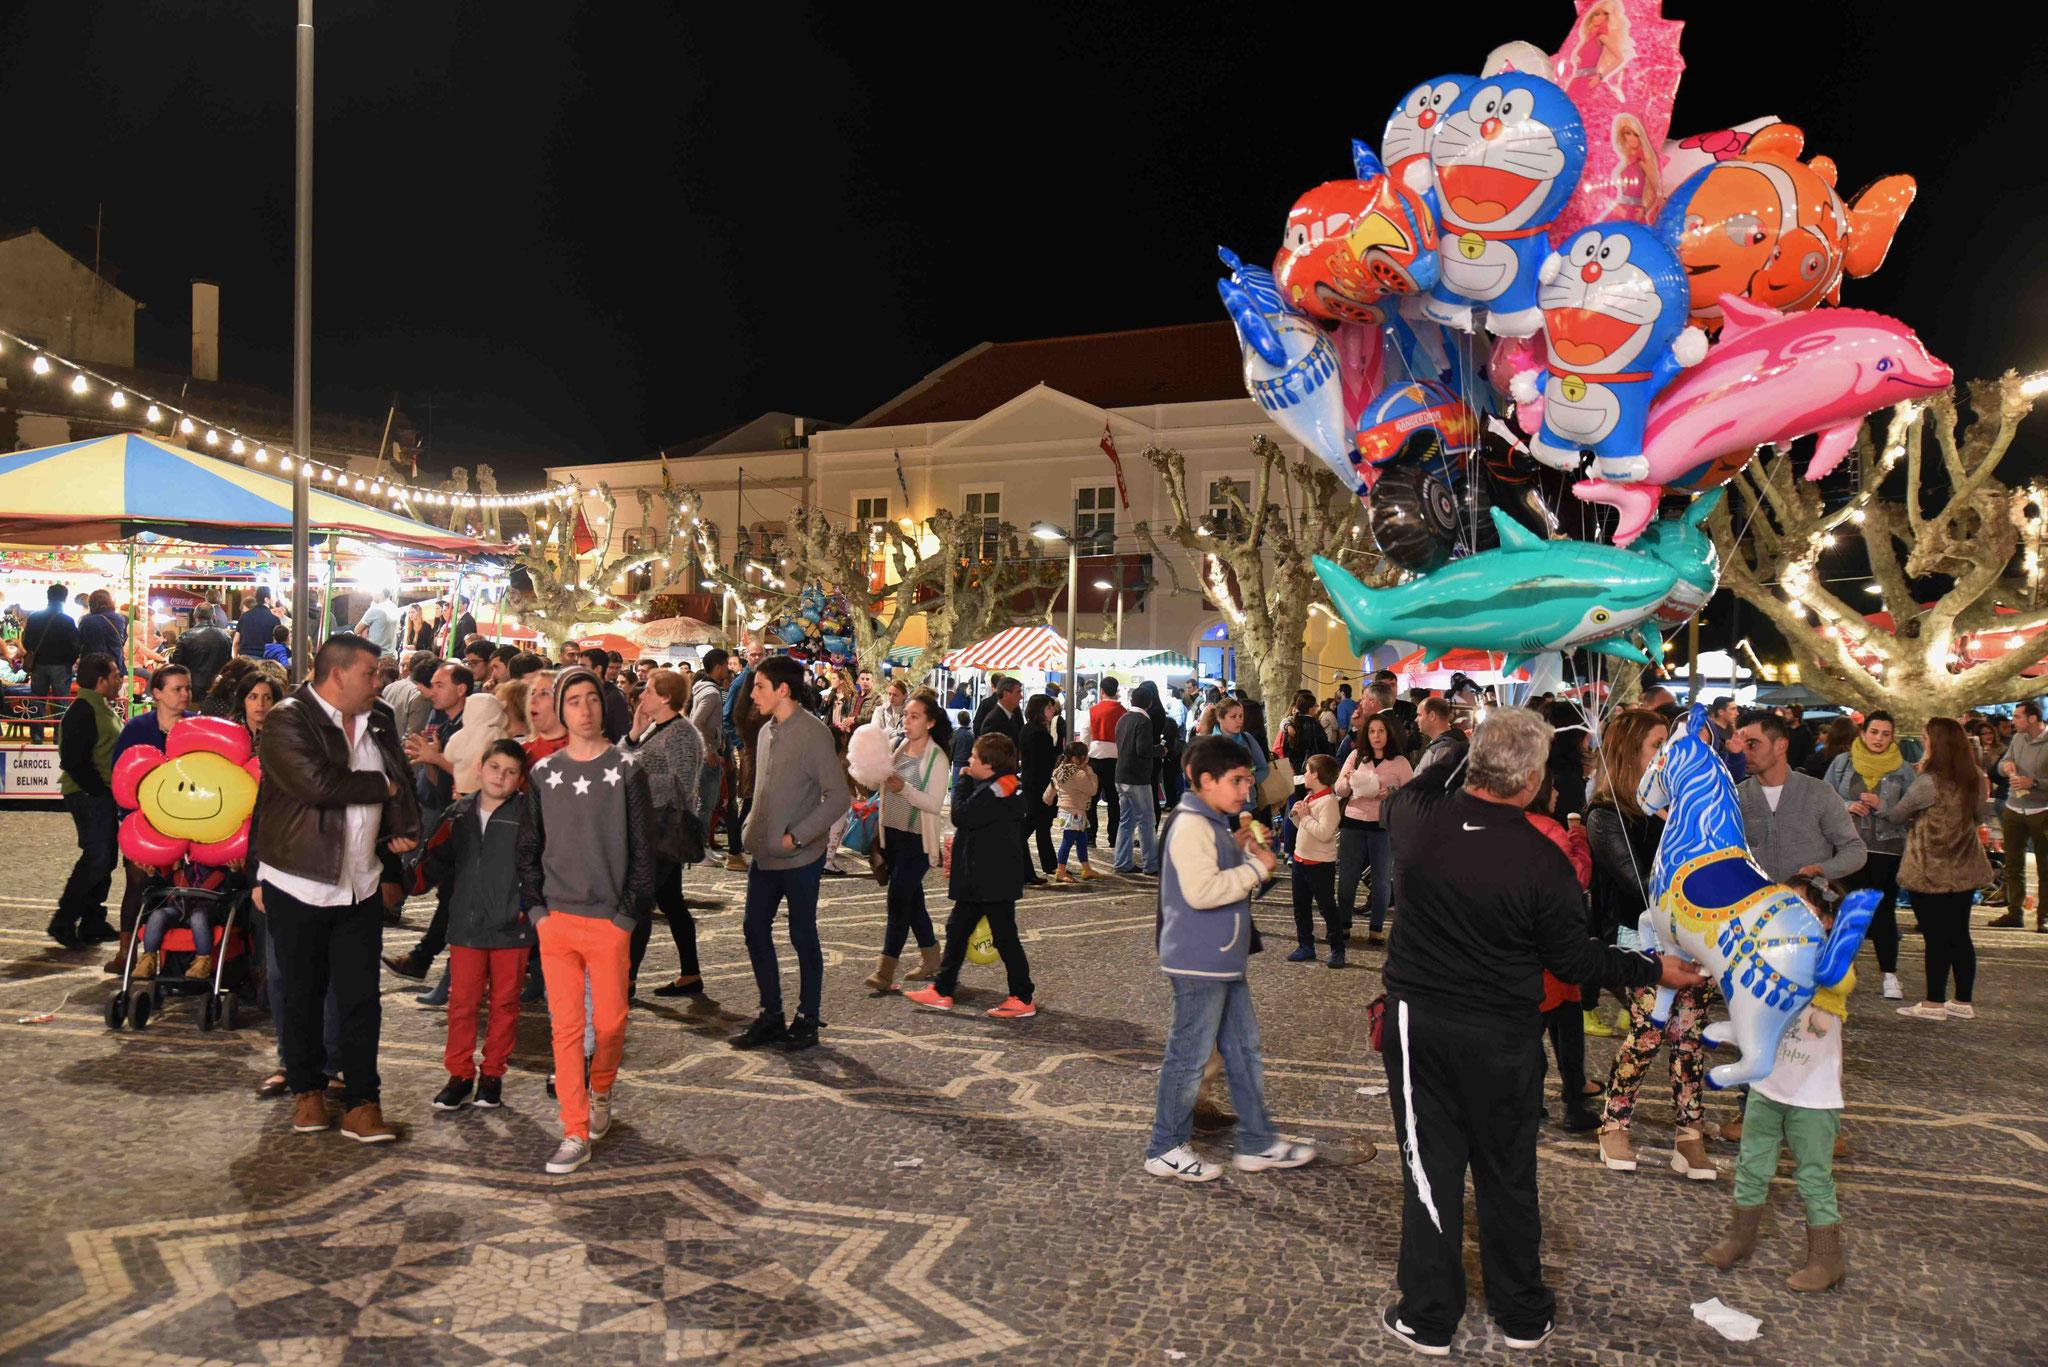 Feiernde Portugiesen - kommen vom Festland zum Feiern hierher